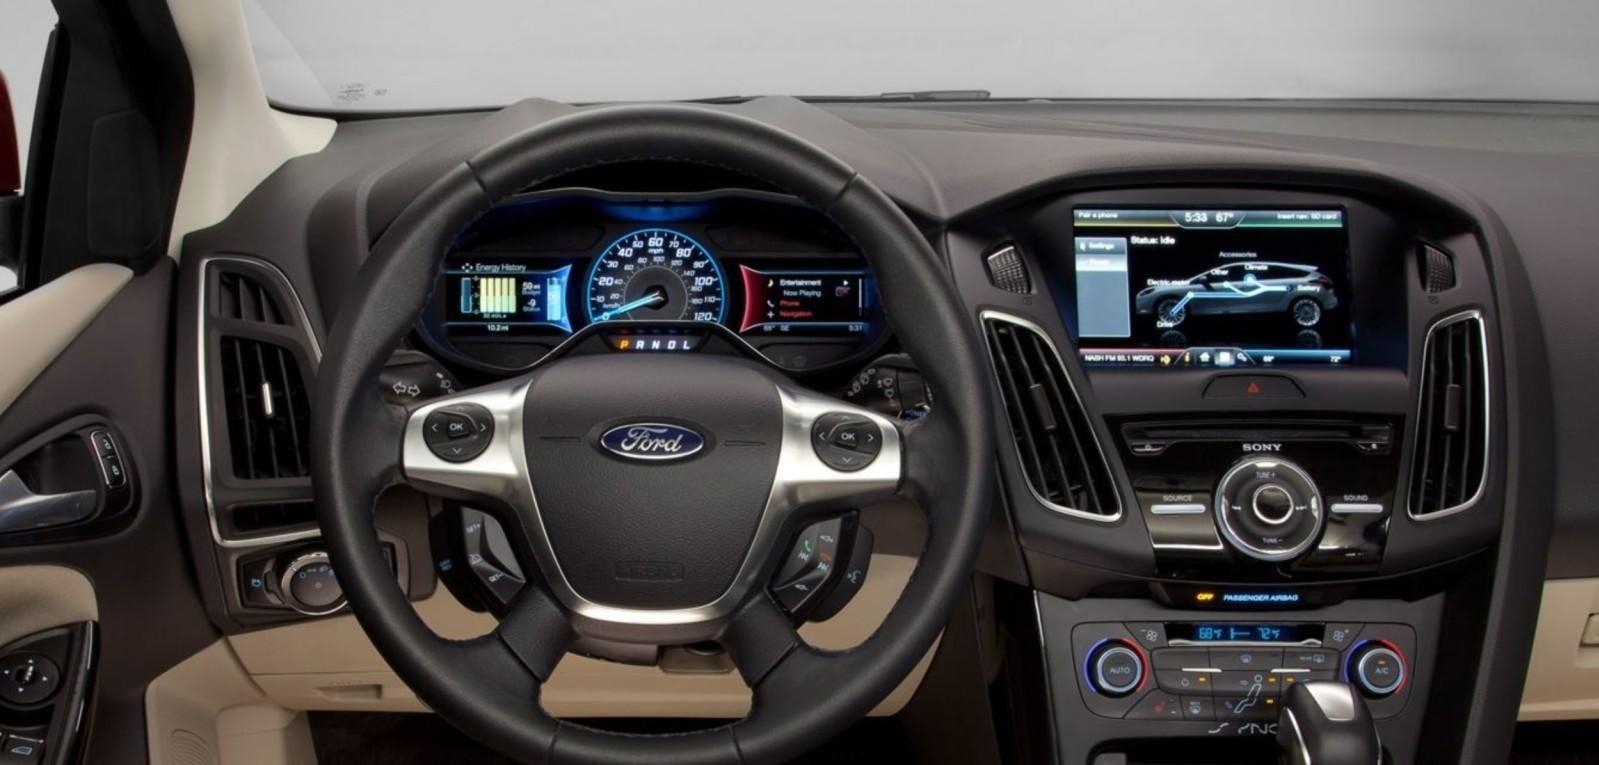 FACELIFT: Ford har laget en ny utgave av sin elektriske Focus. Den har fått bedret rekkevidden og en facelift. Samtidig er prisen kun 233.000 kroner, og er med det en av de billigste elbilene på markedet.